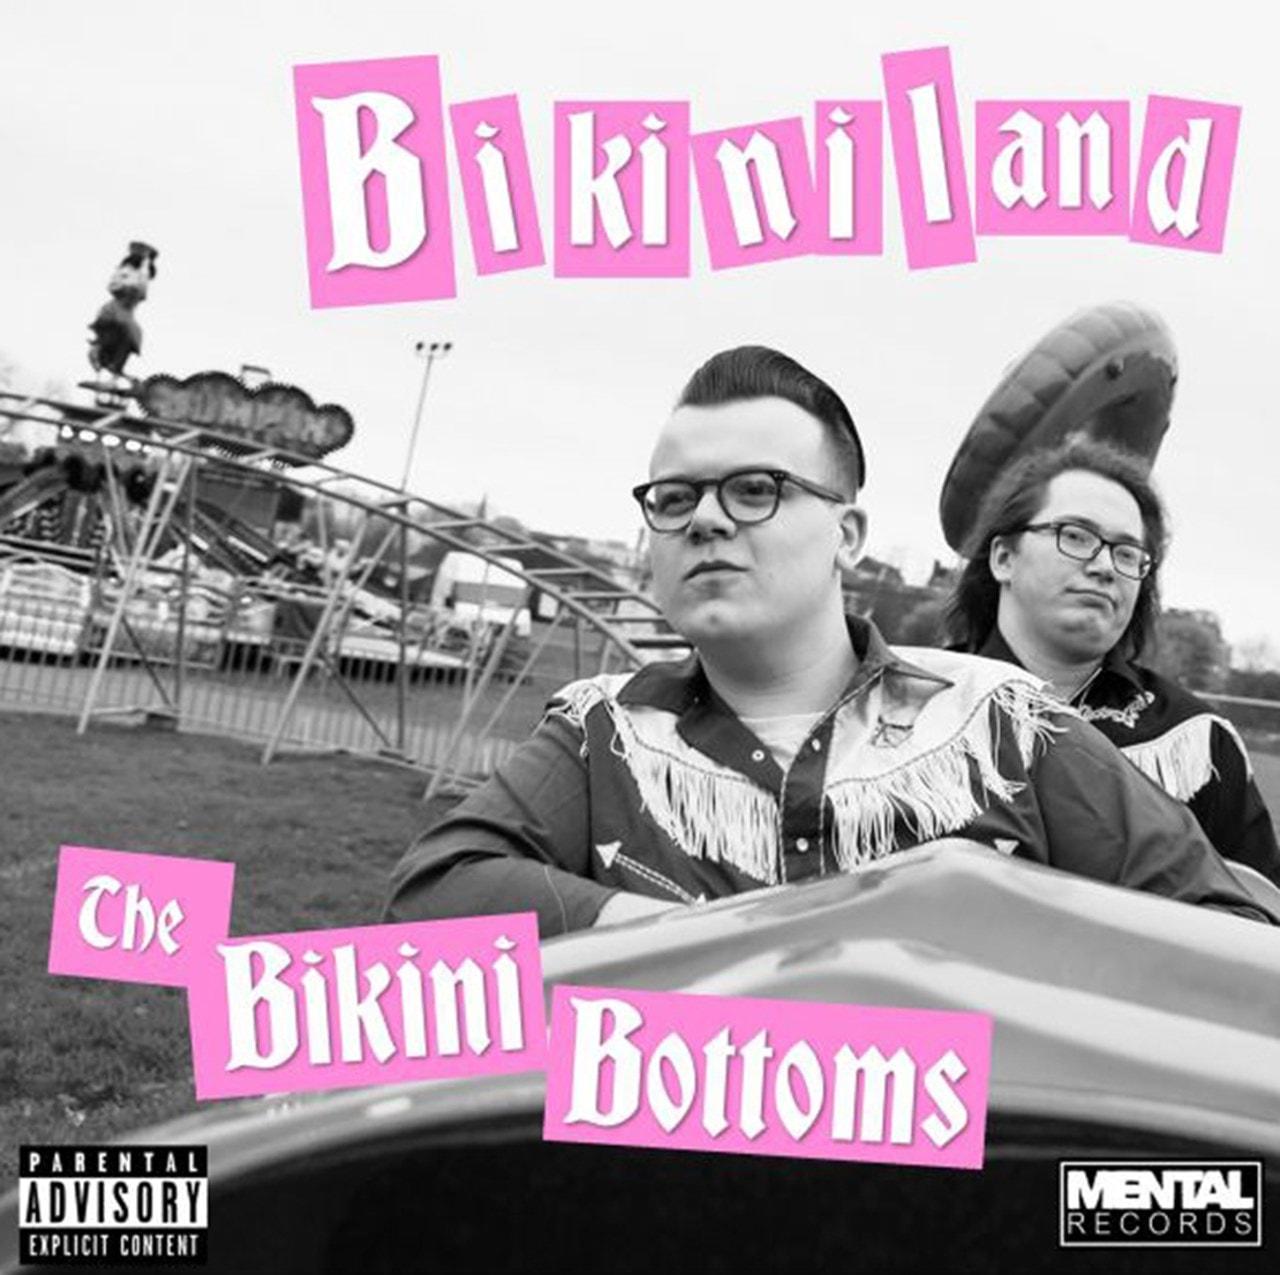 Bikiniland - 1